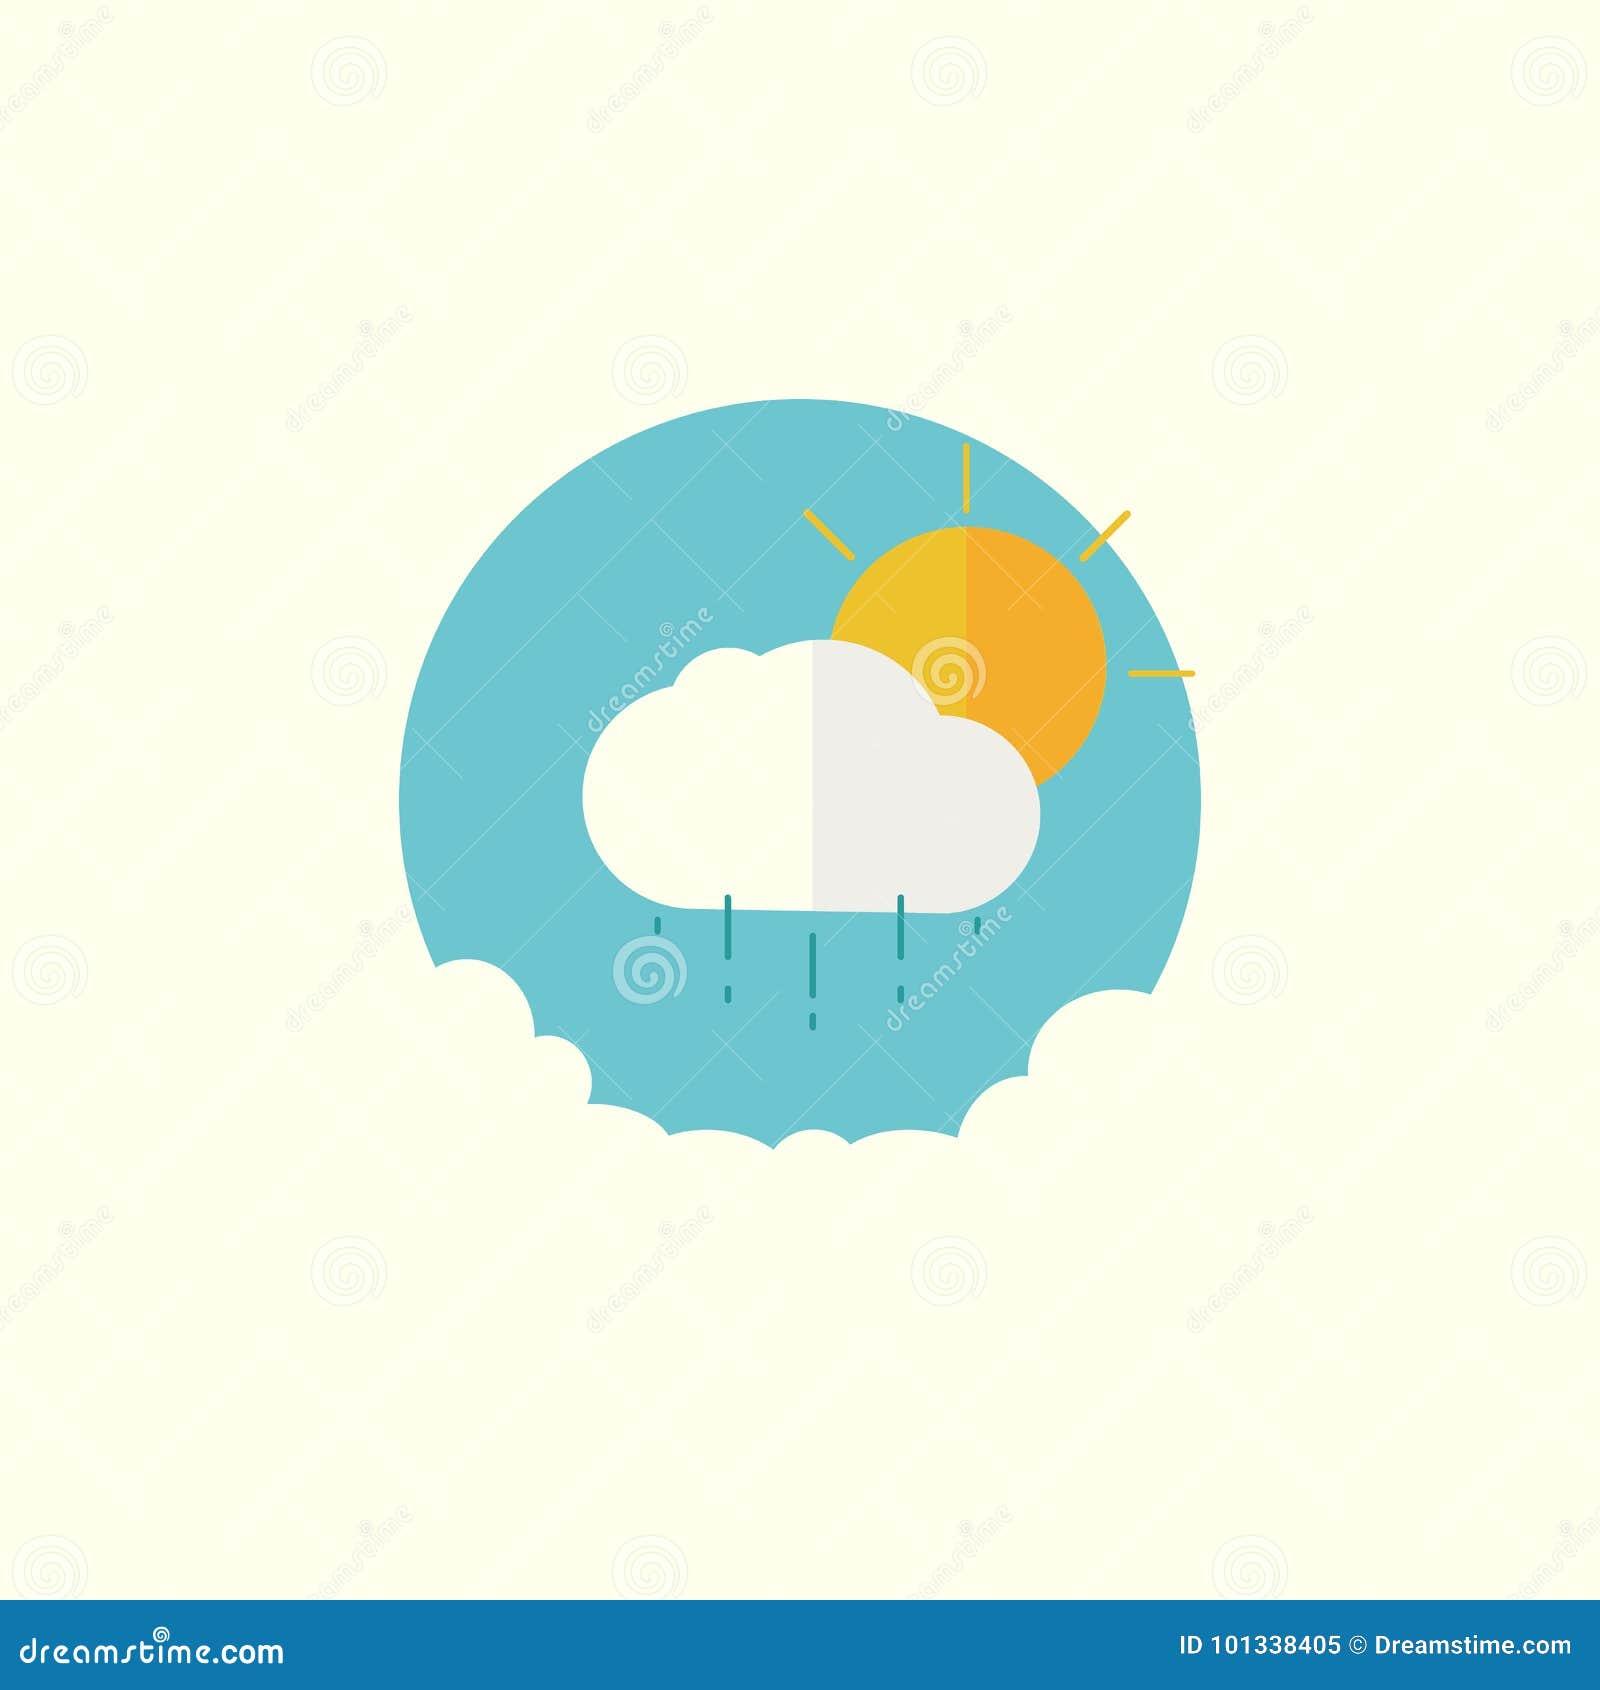 Die Sonne wird hinter der Wolke versteckt